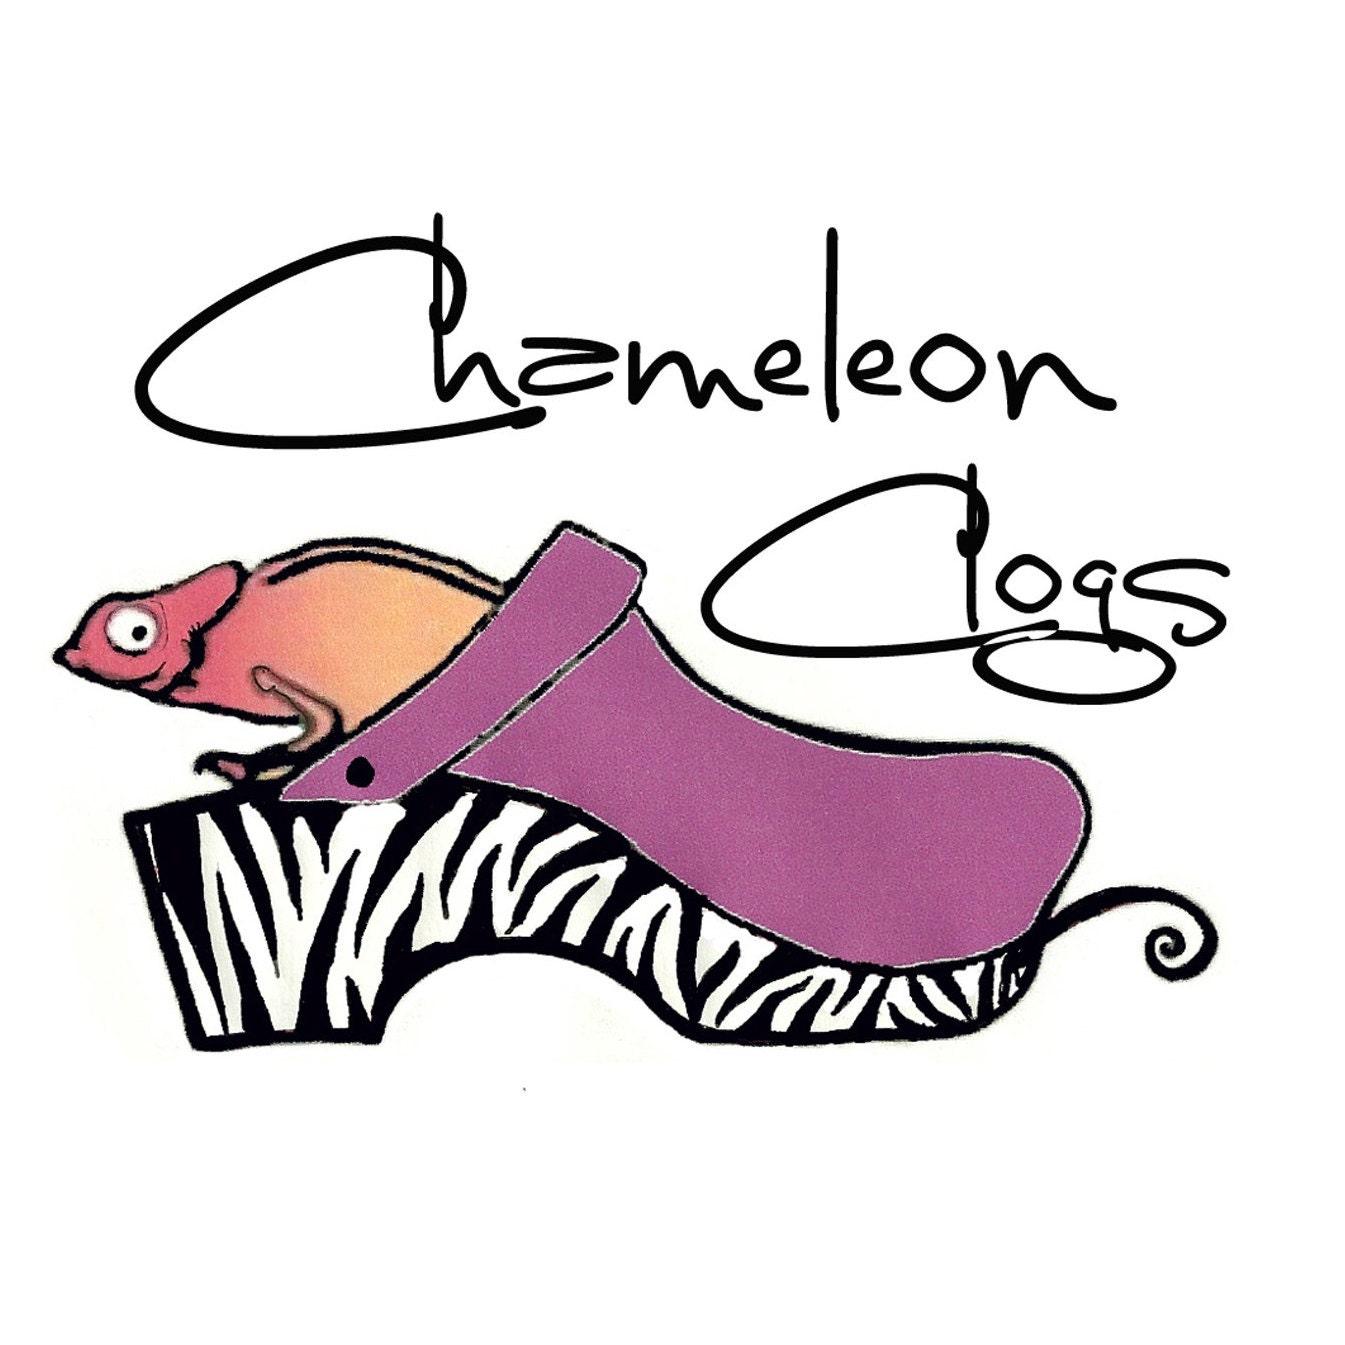 ChameleonClogs